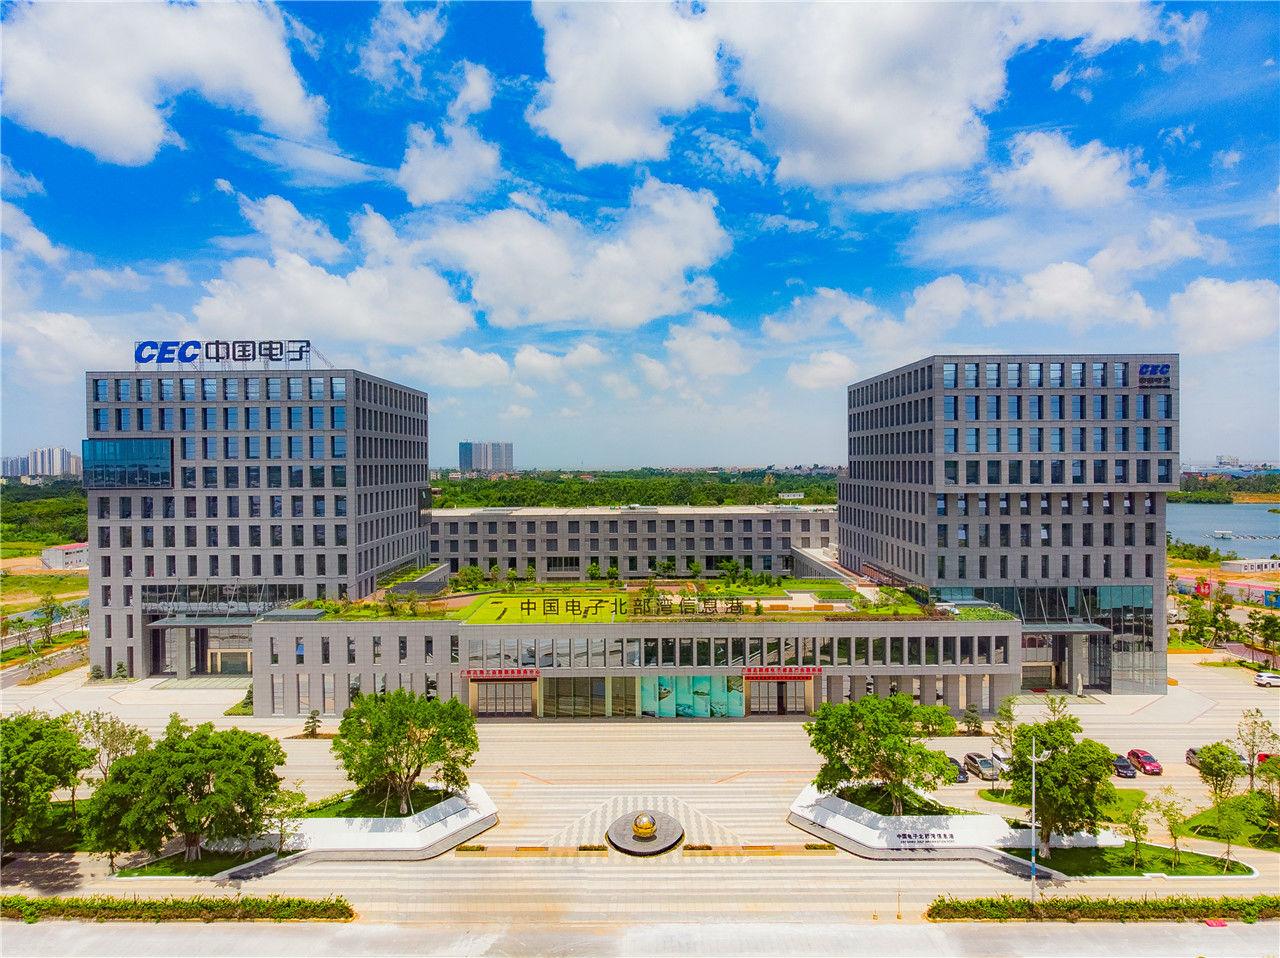 中国电子北部湾信息港